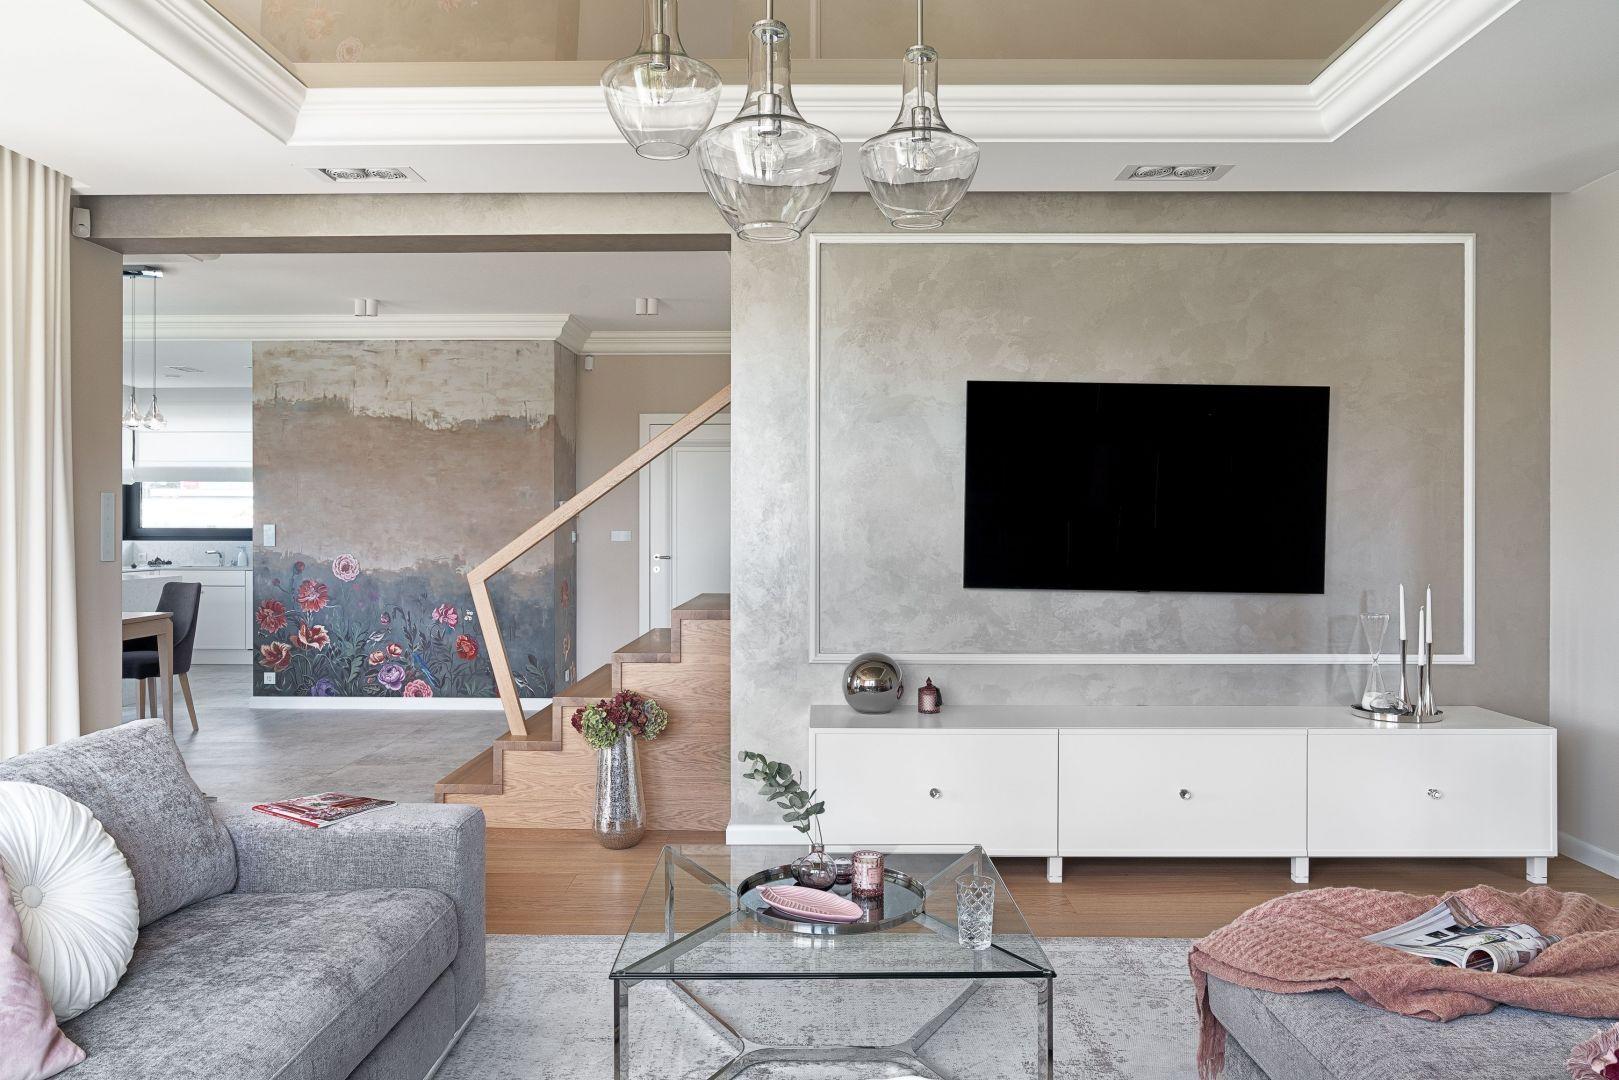 Ścianę za telewizorem w salonie wykończono farbą o ładnym, ciekawym efekcie dekoracyjnym. Projekt: Ewelina Rutkowska, studio projektowe Meteor. Fot. Tom Kurek